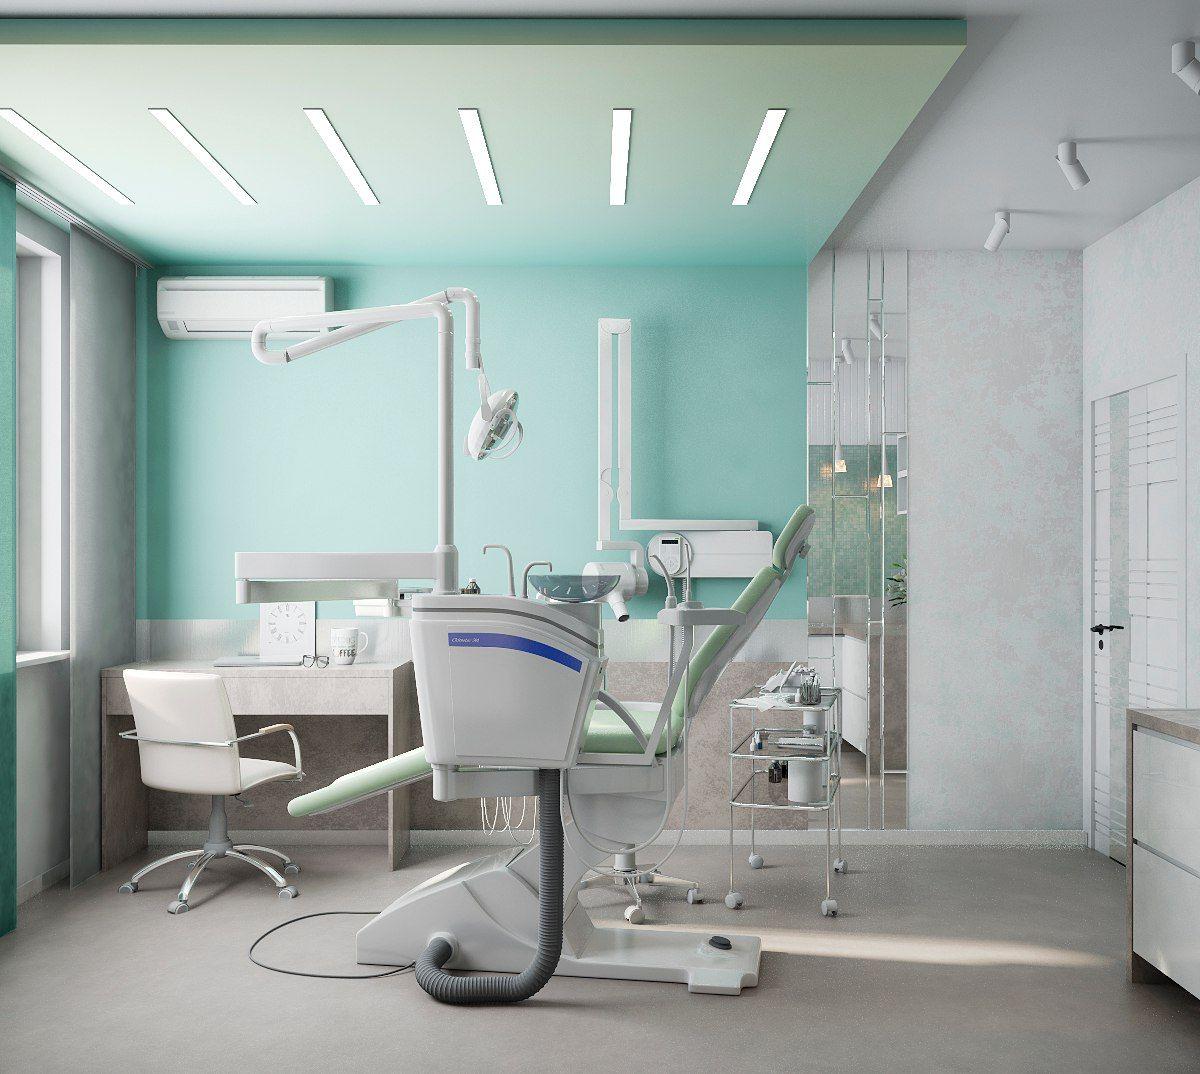 чаще картинки у стоматолога на потолке сети